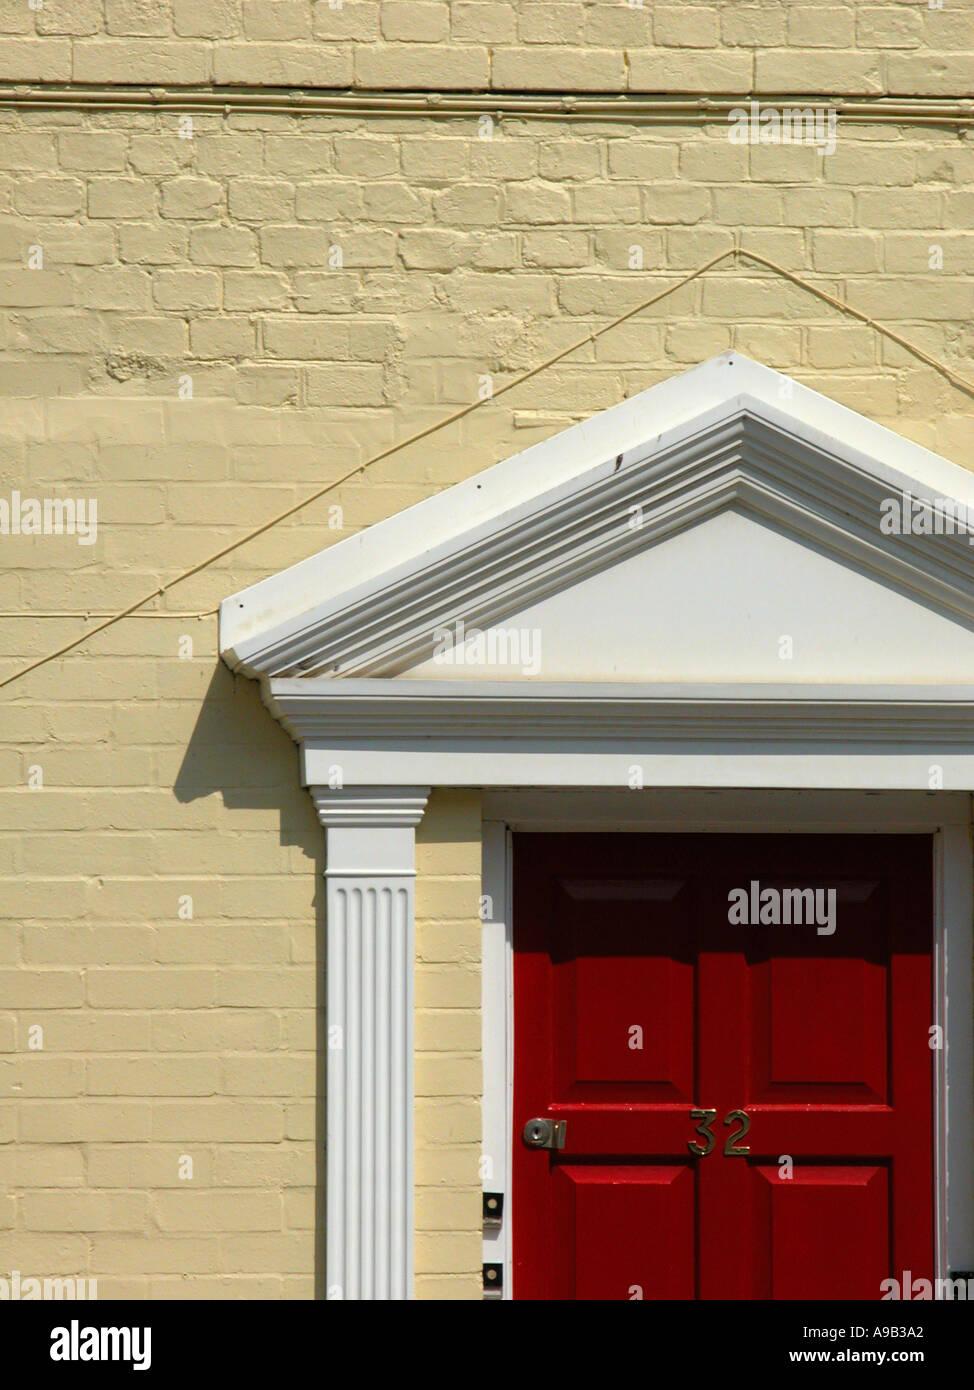 Maroon Door Stock Photos & Maroon Door Stock Images - Alamy